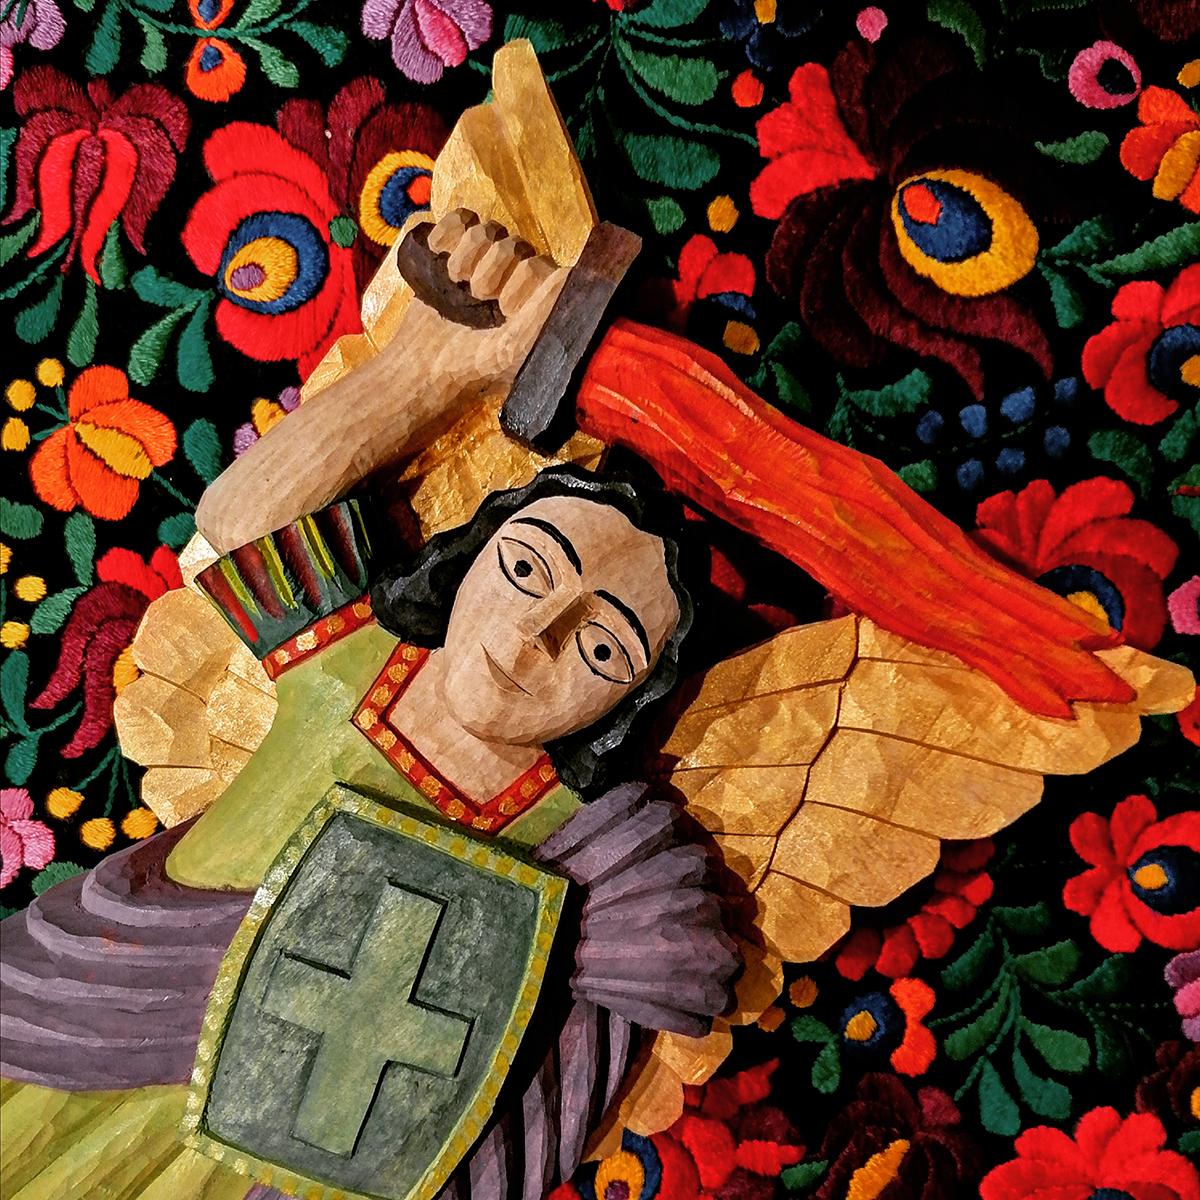 Święci z wiejskiego podwórka: Baby wypychał, kapustę wpychał, szatana skarcił – archanioł Michał